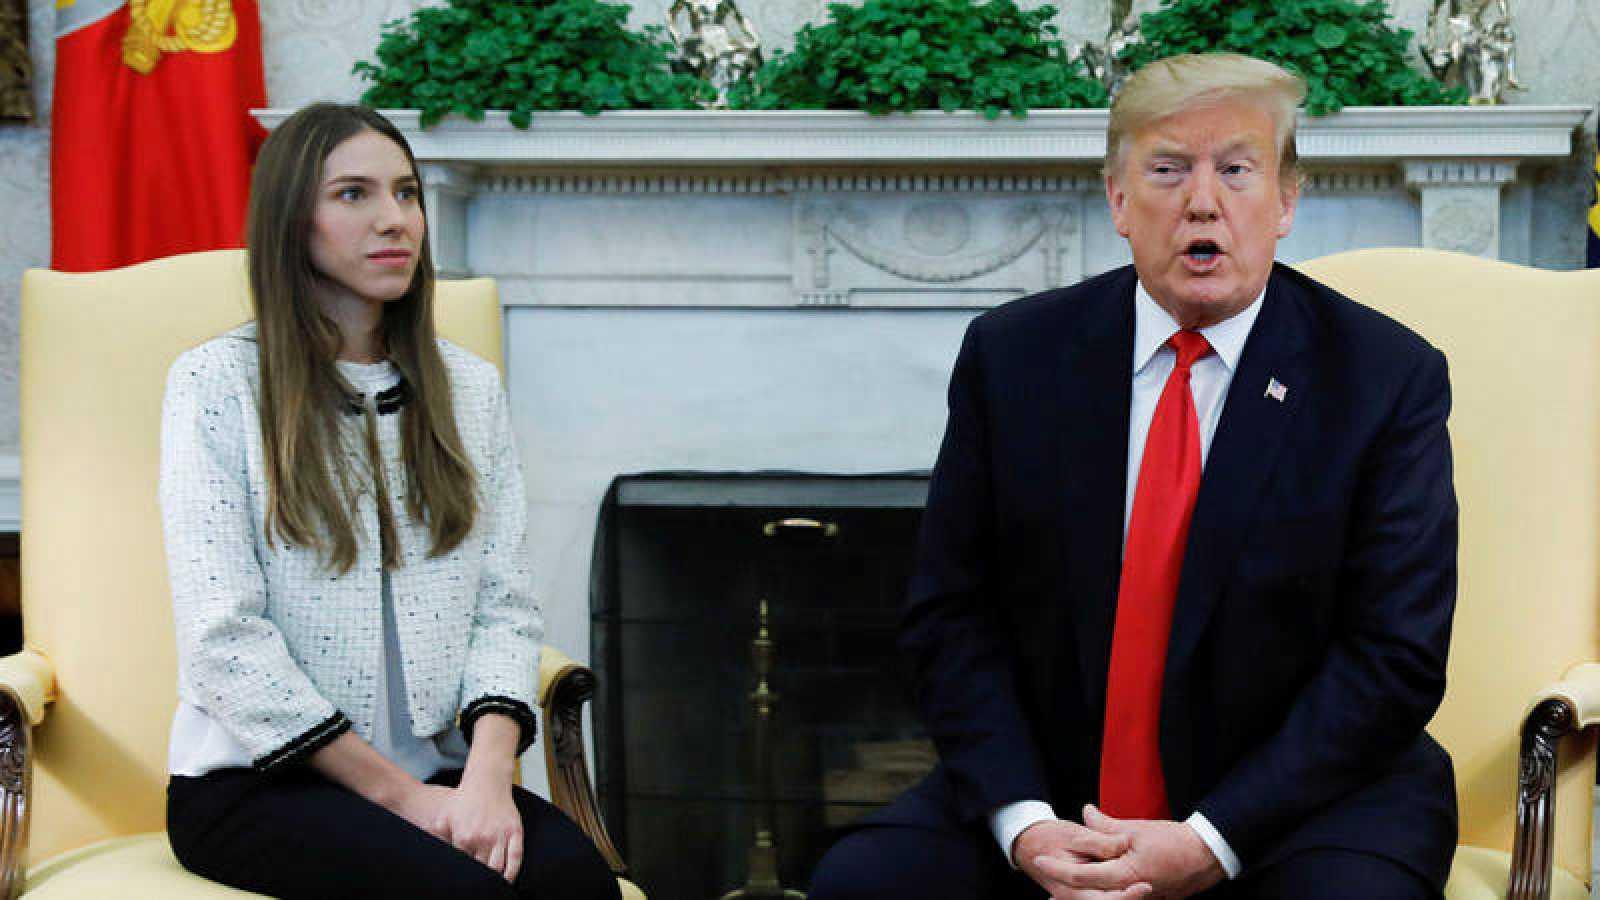 Trump recibe por sorpresa a la mujer de Guaidó en la Casa Blanca